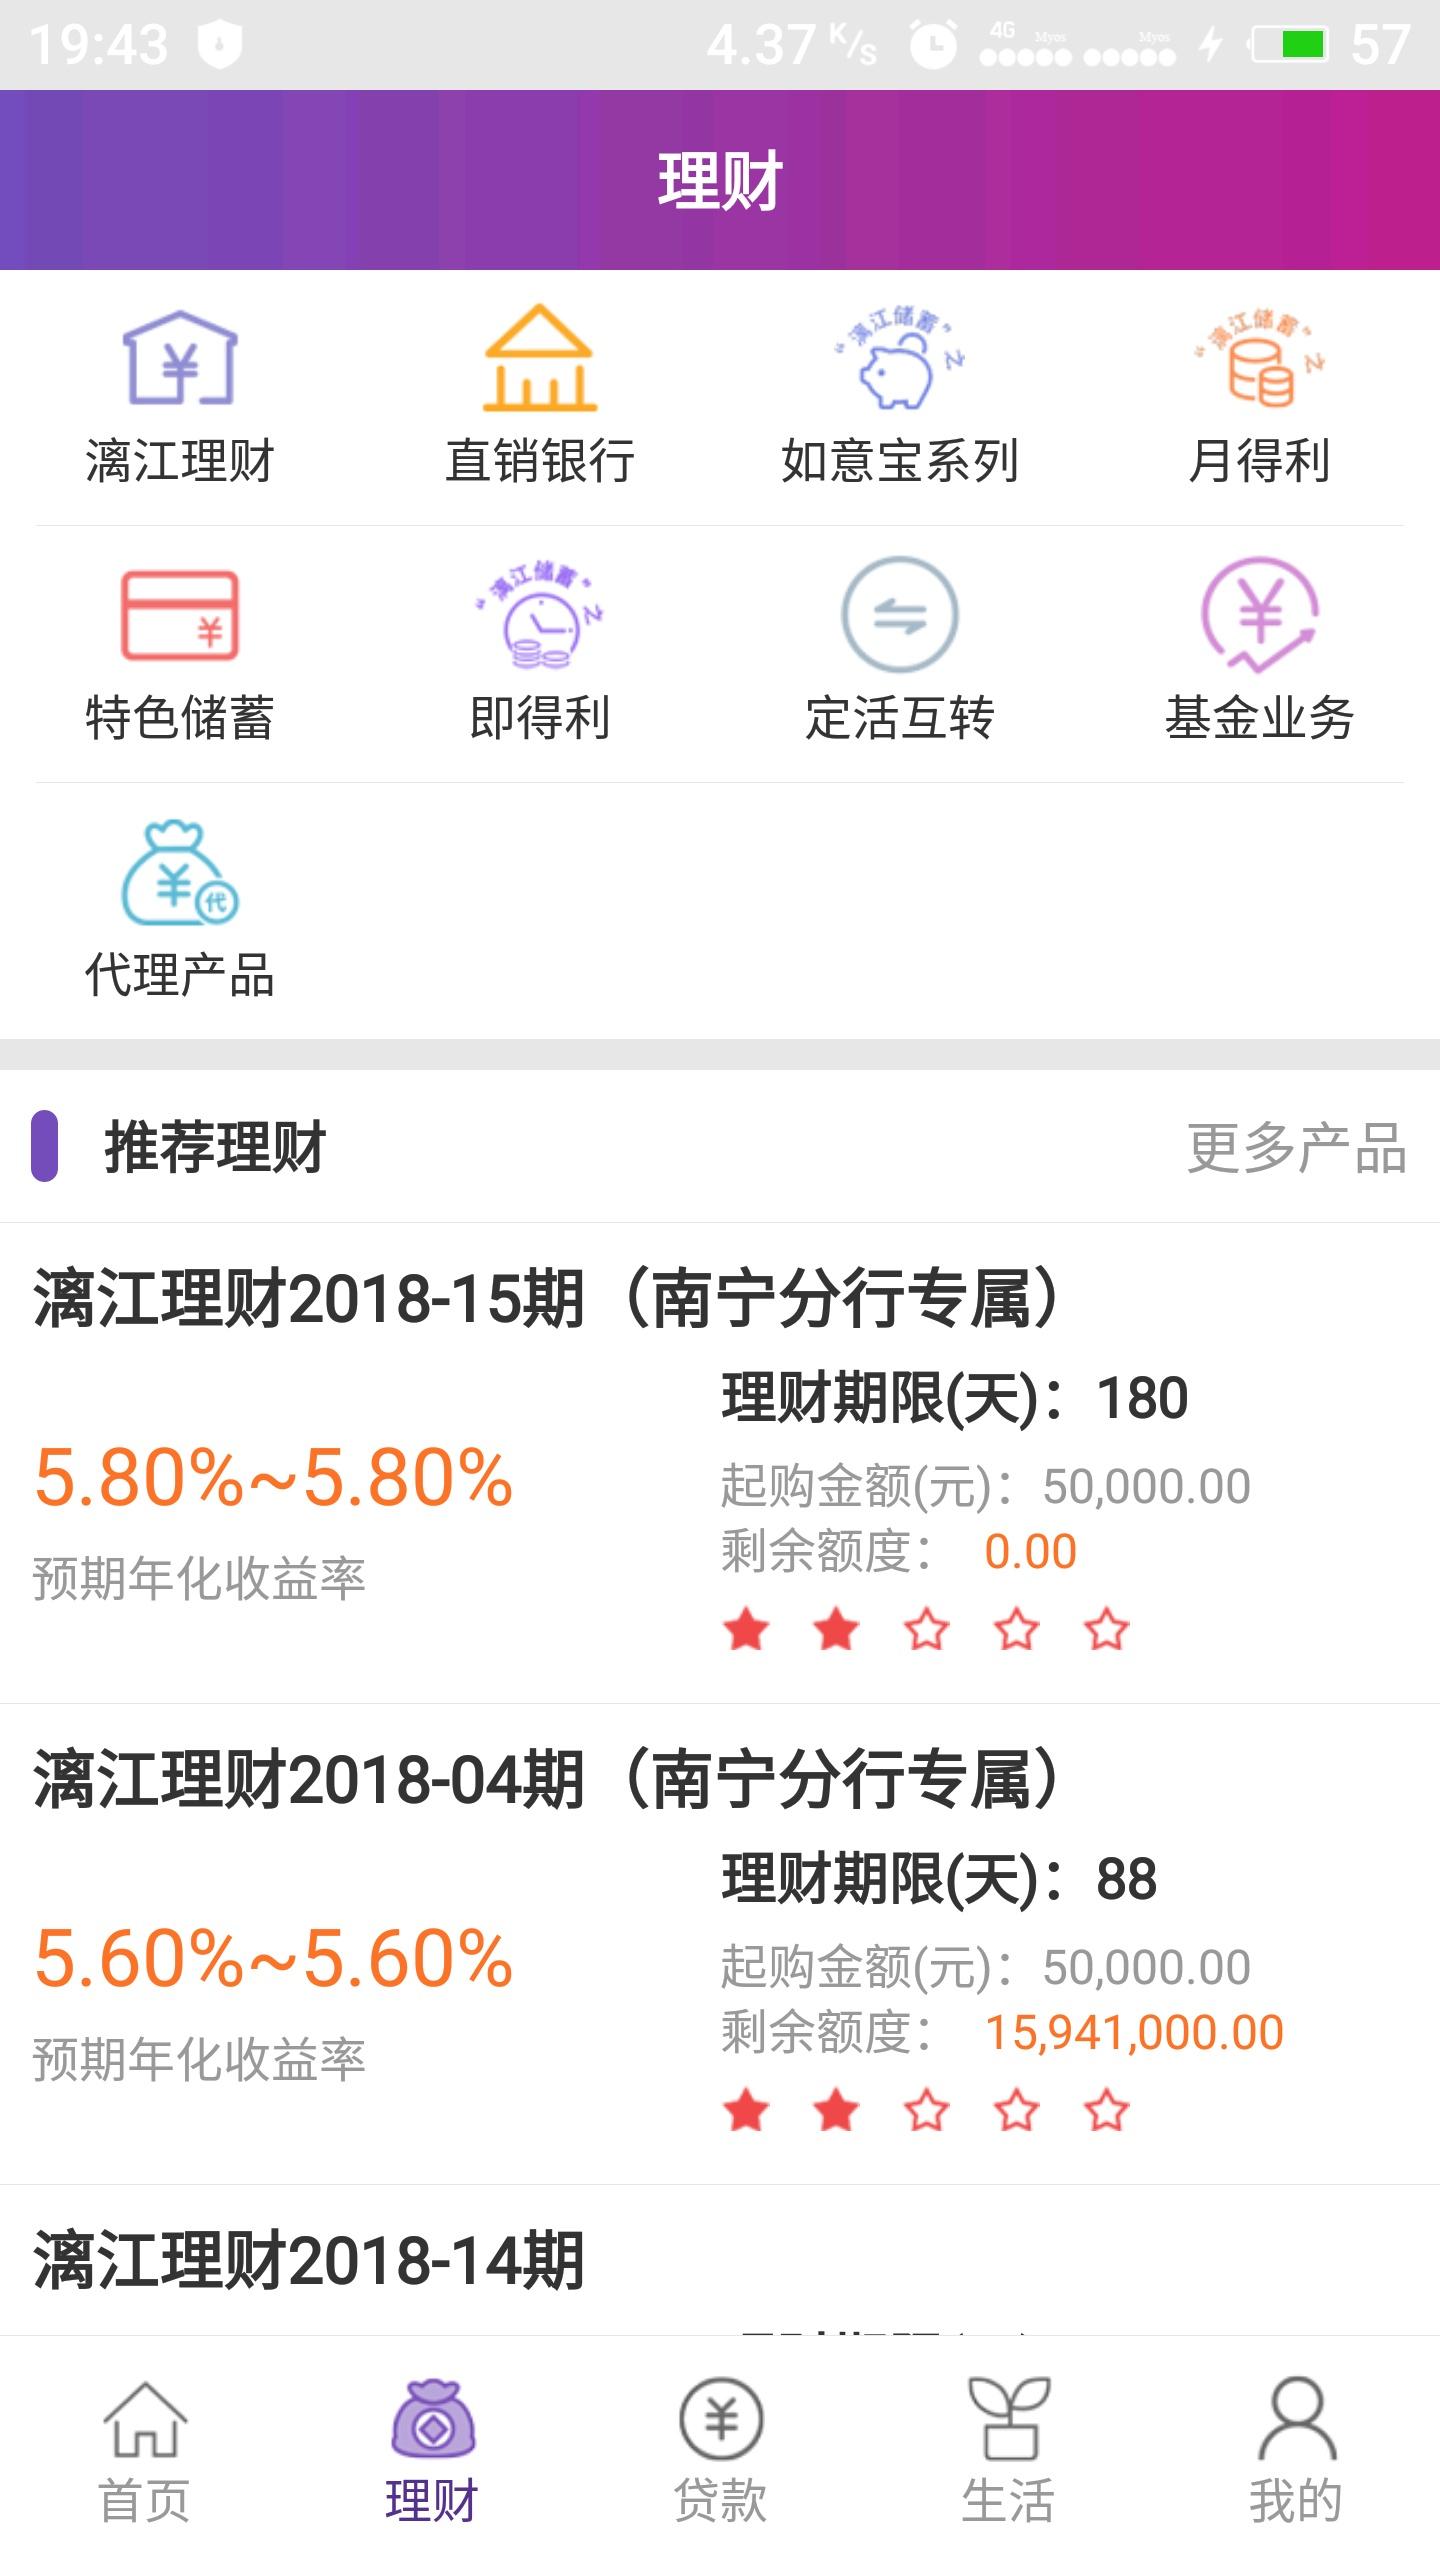 桂林银行截图2